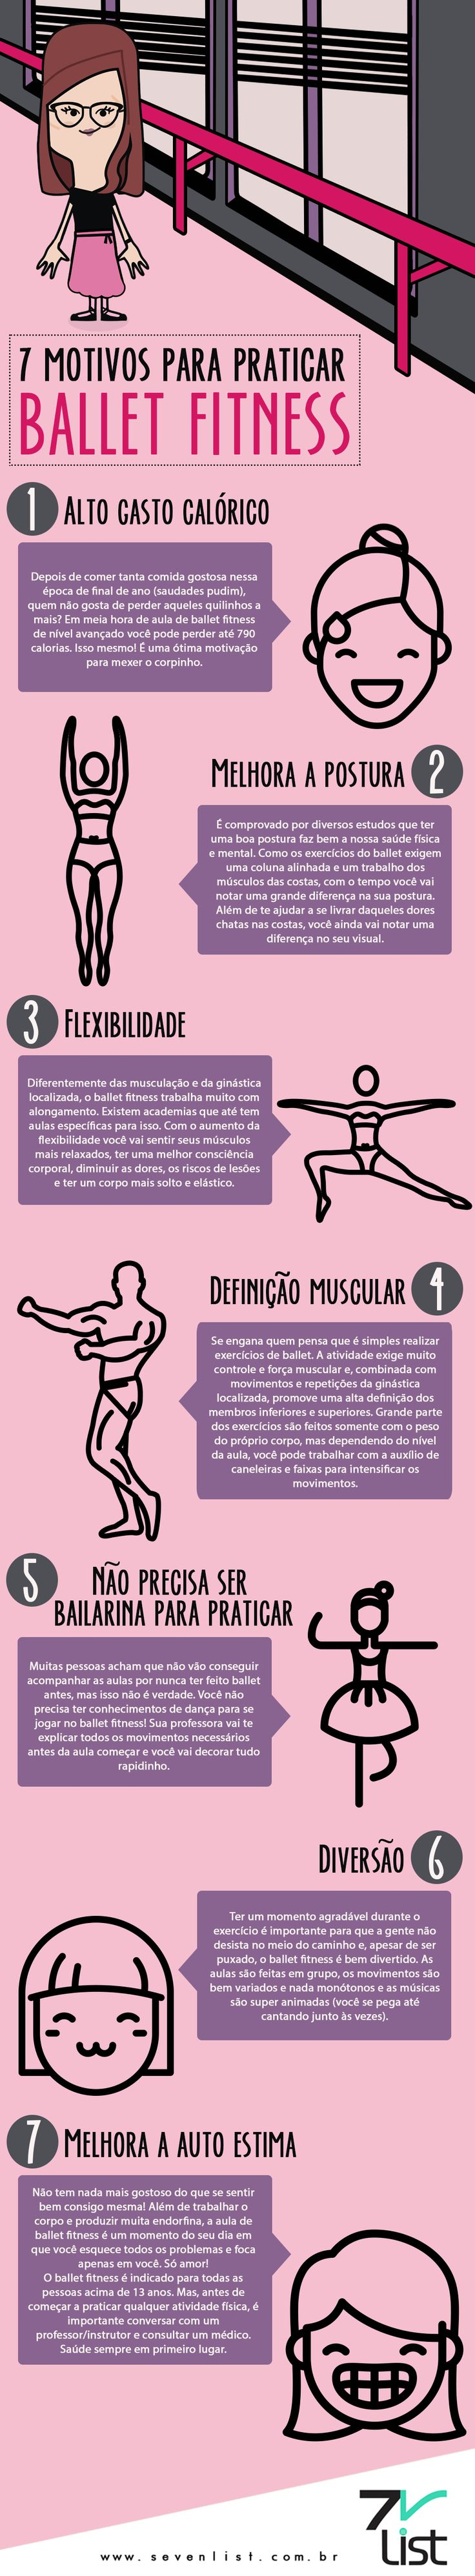 7 motivos para praticar ballet fitness.